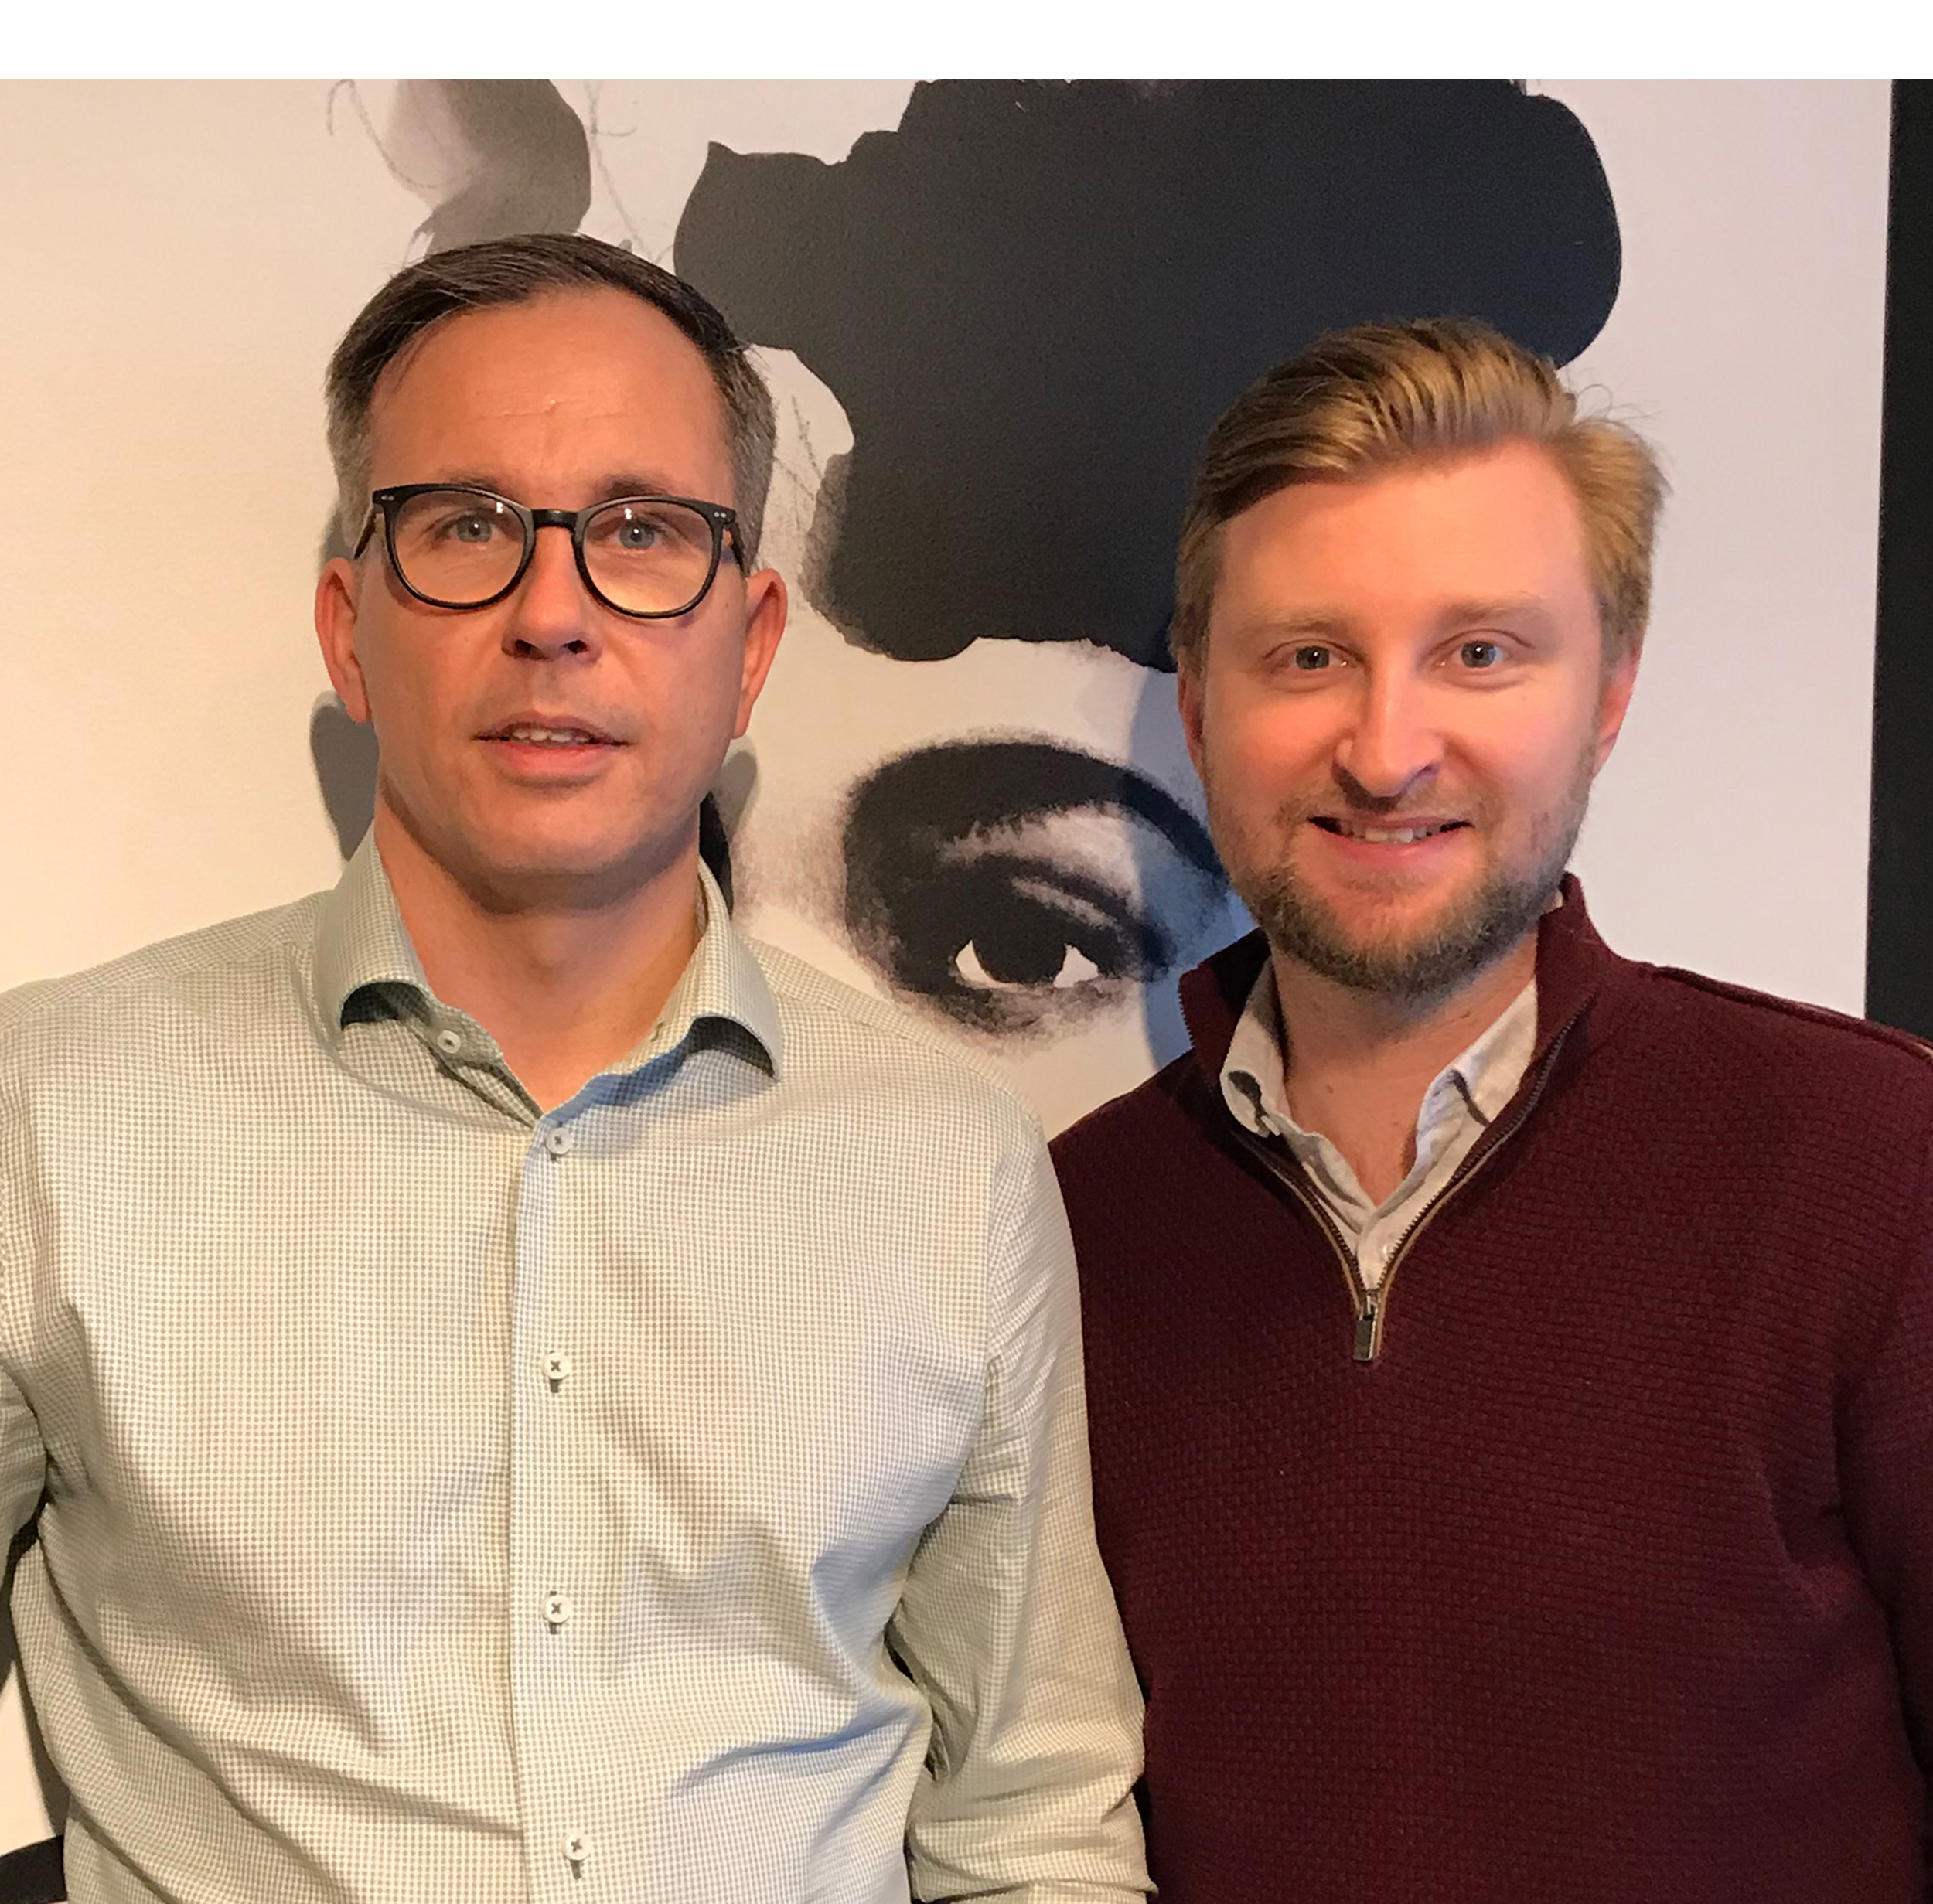 Anders Savbring och Carl Rosén - kvadrat Zoegas.JPEG-2